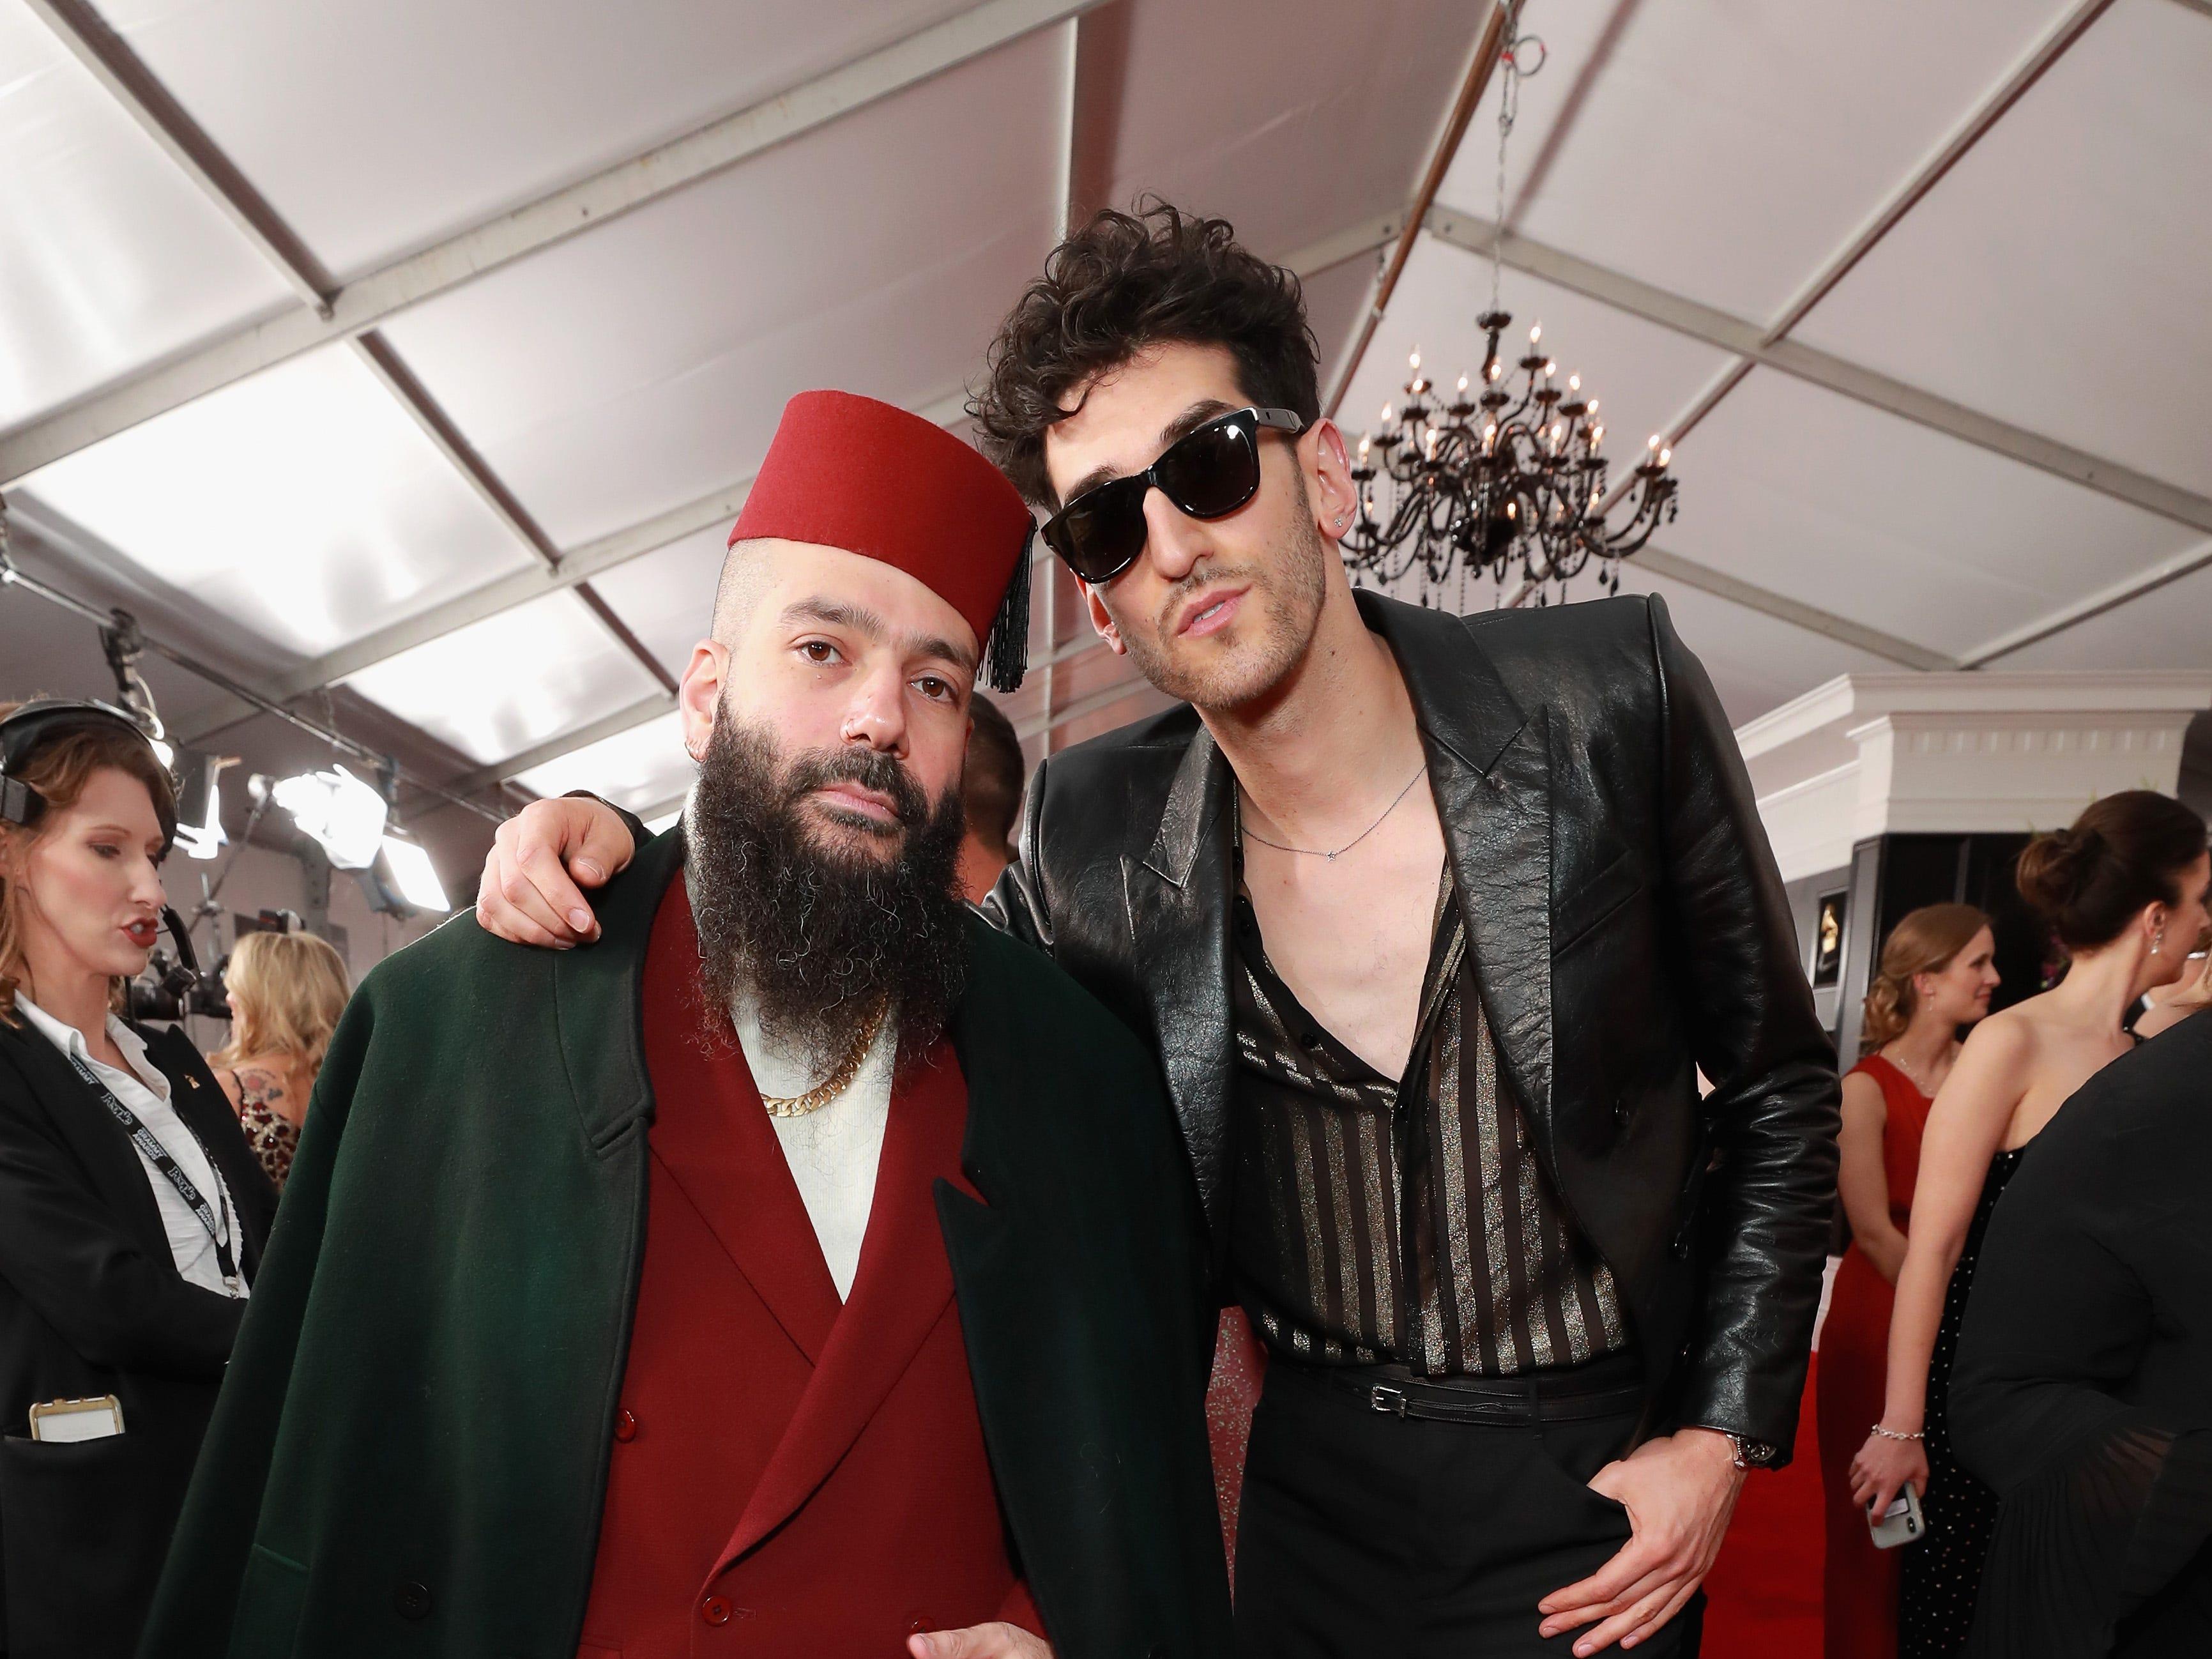 Patrick Gemayel y David Macklovitch de Chromeo asisten a la 61ª edición de los premios GRAMMY en el Staples Center el 10 de febrero de 2019 en Los Ángeles, California.